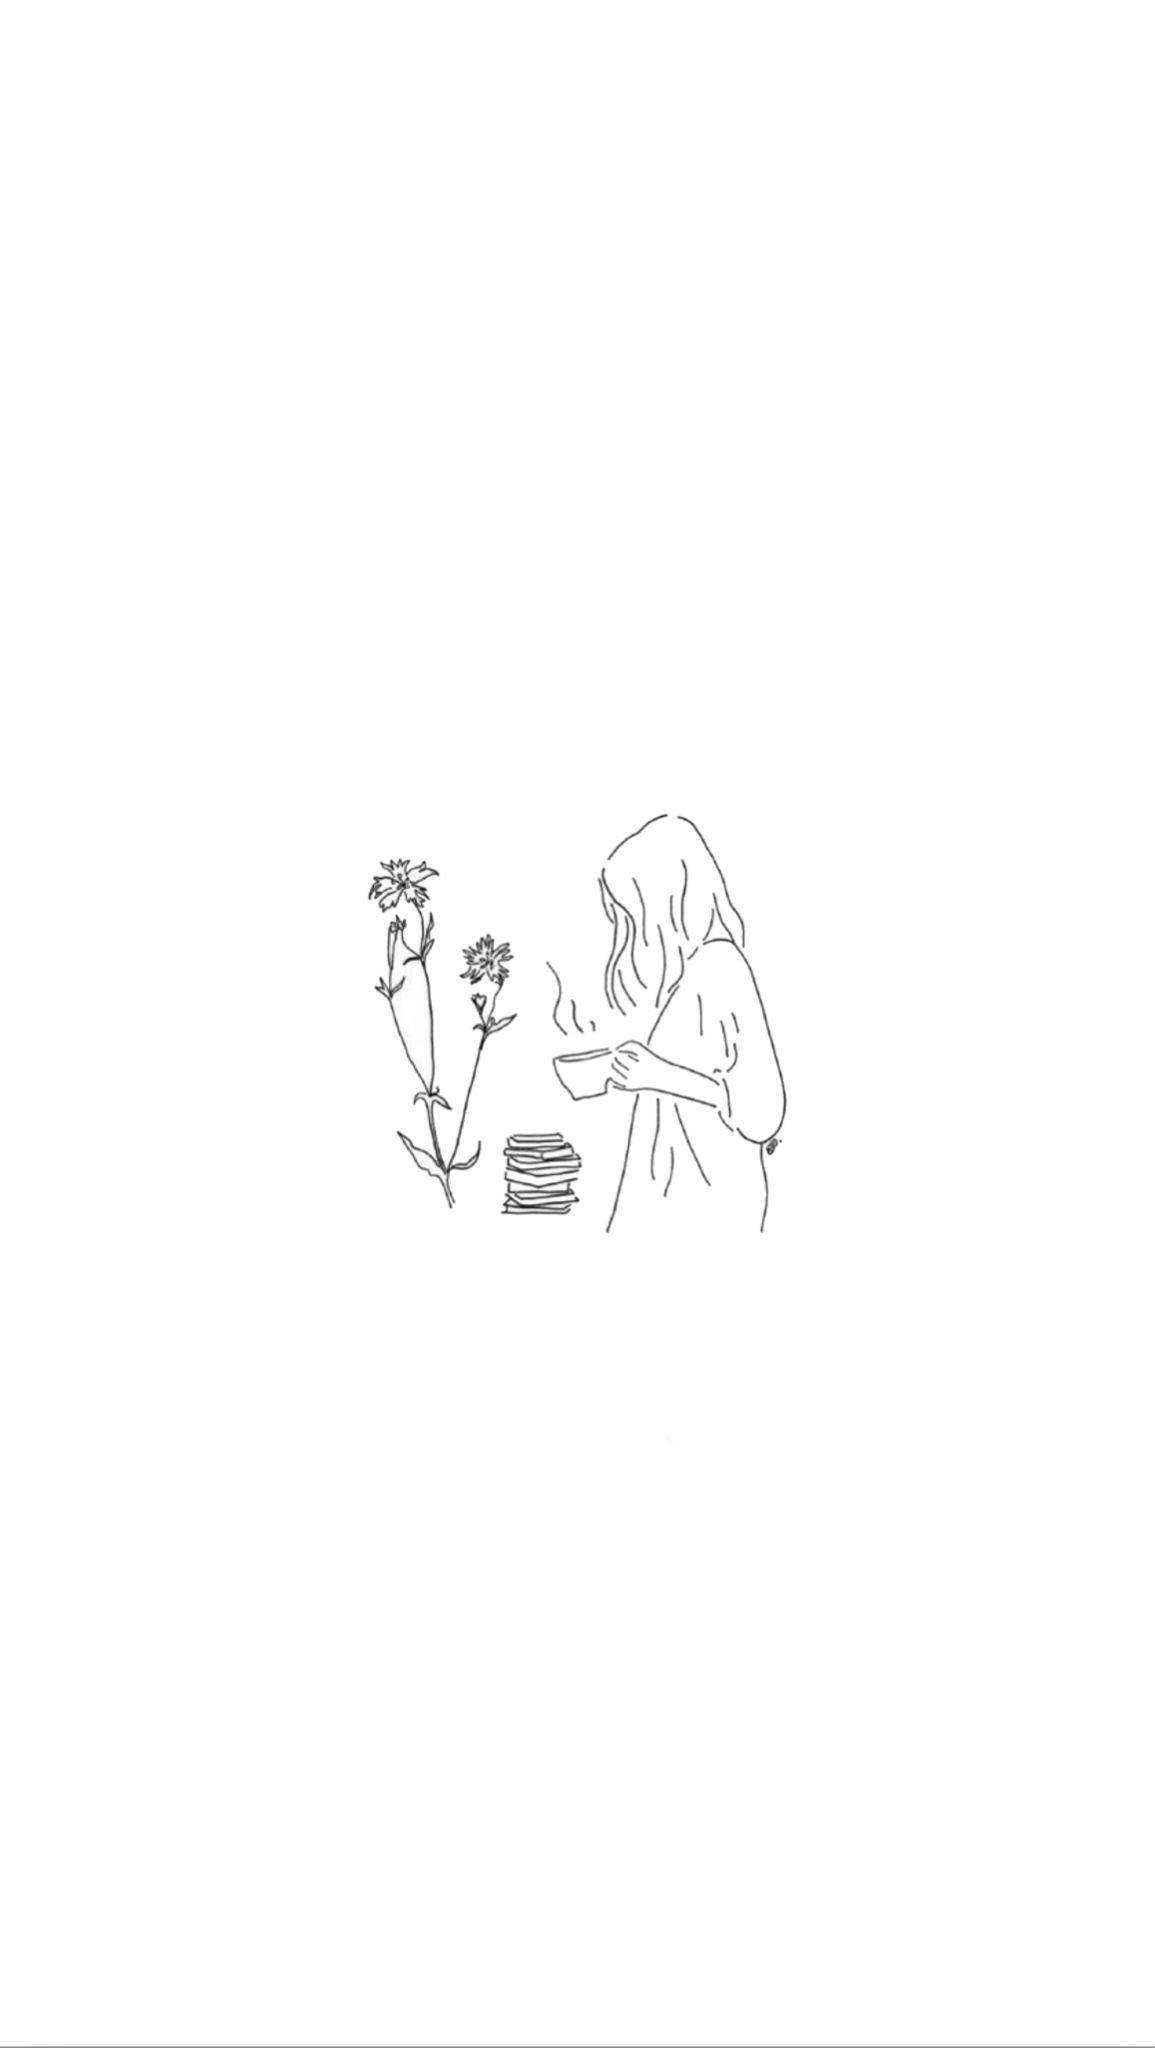 Girl Art Drawing Beautiful Minimalism Mini Pencil Cute